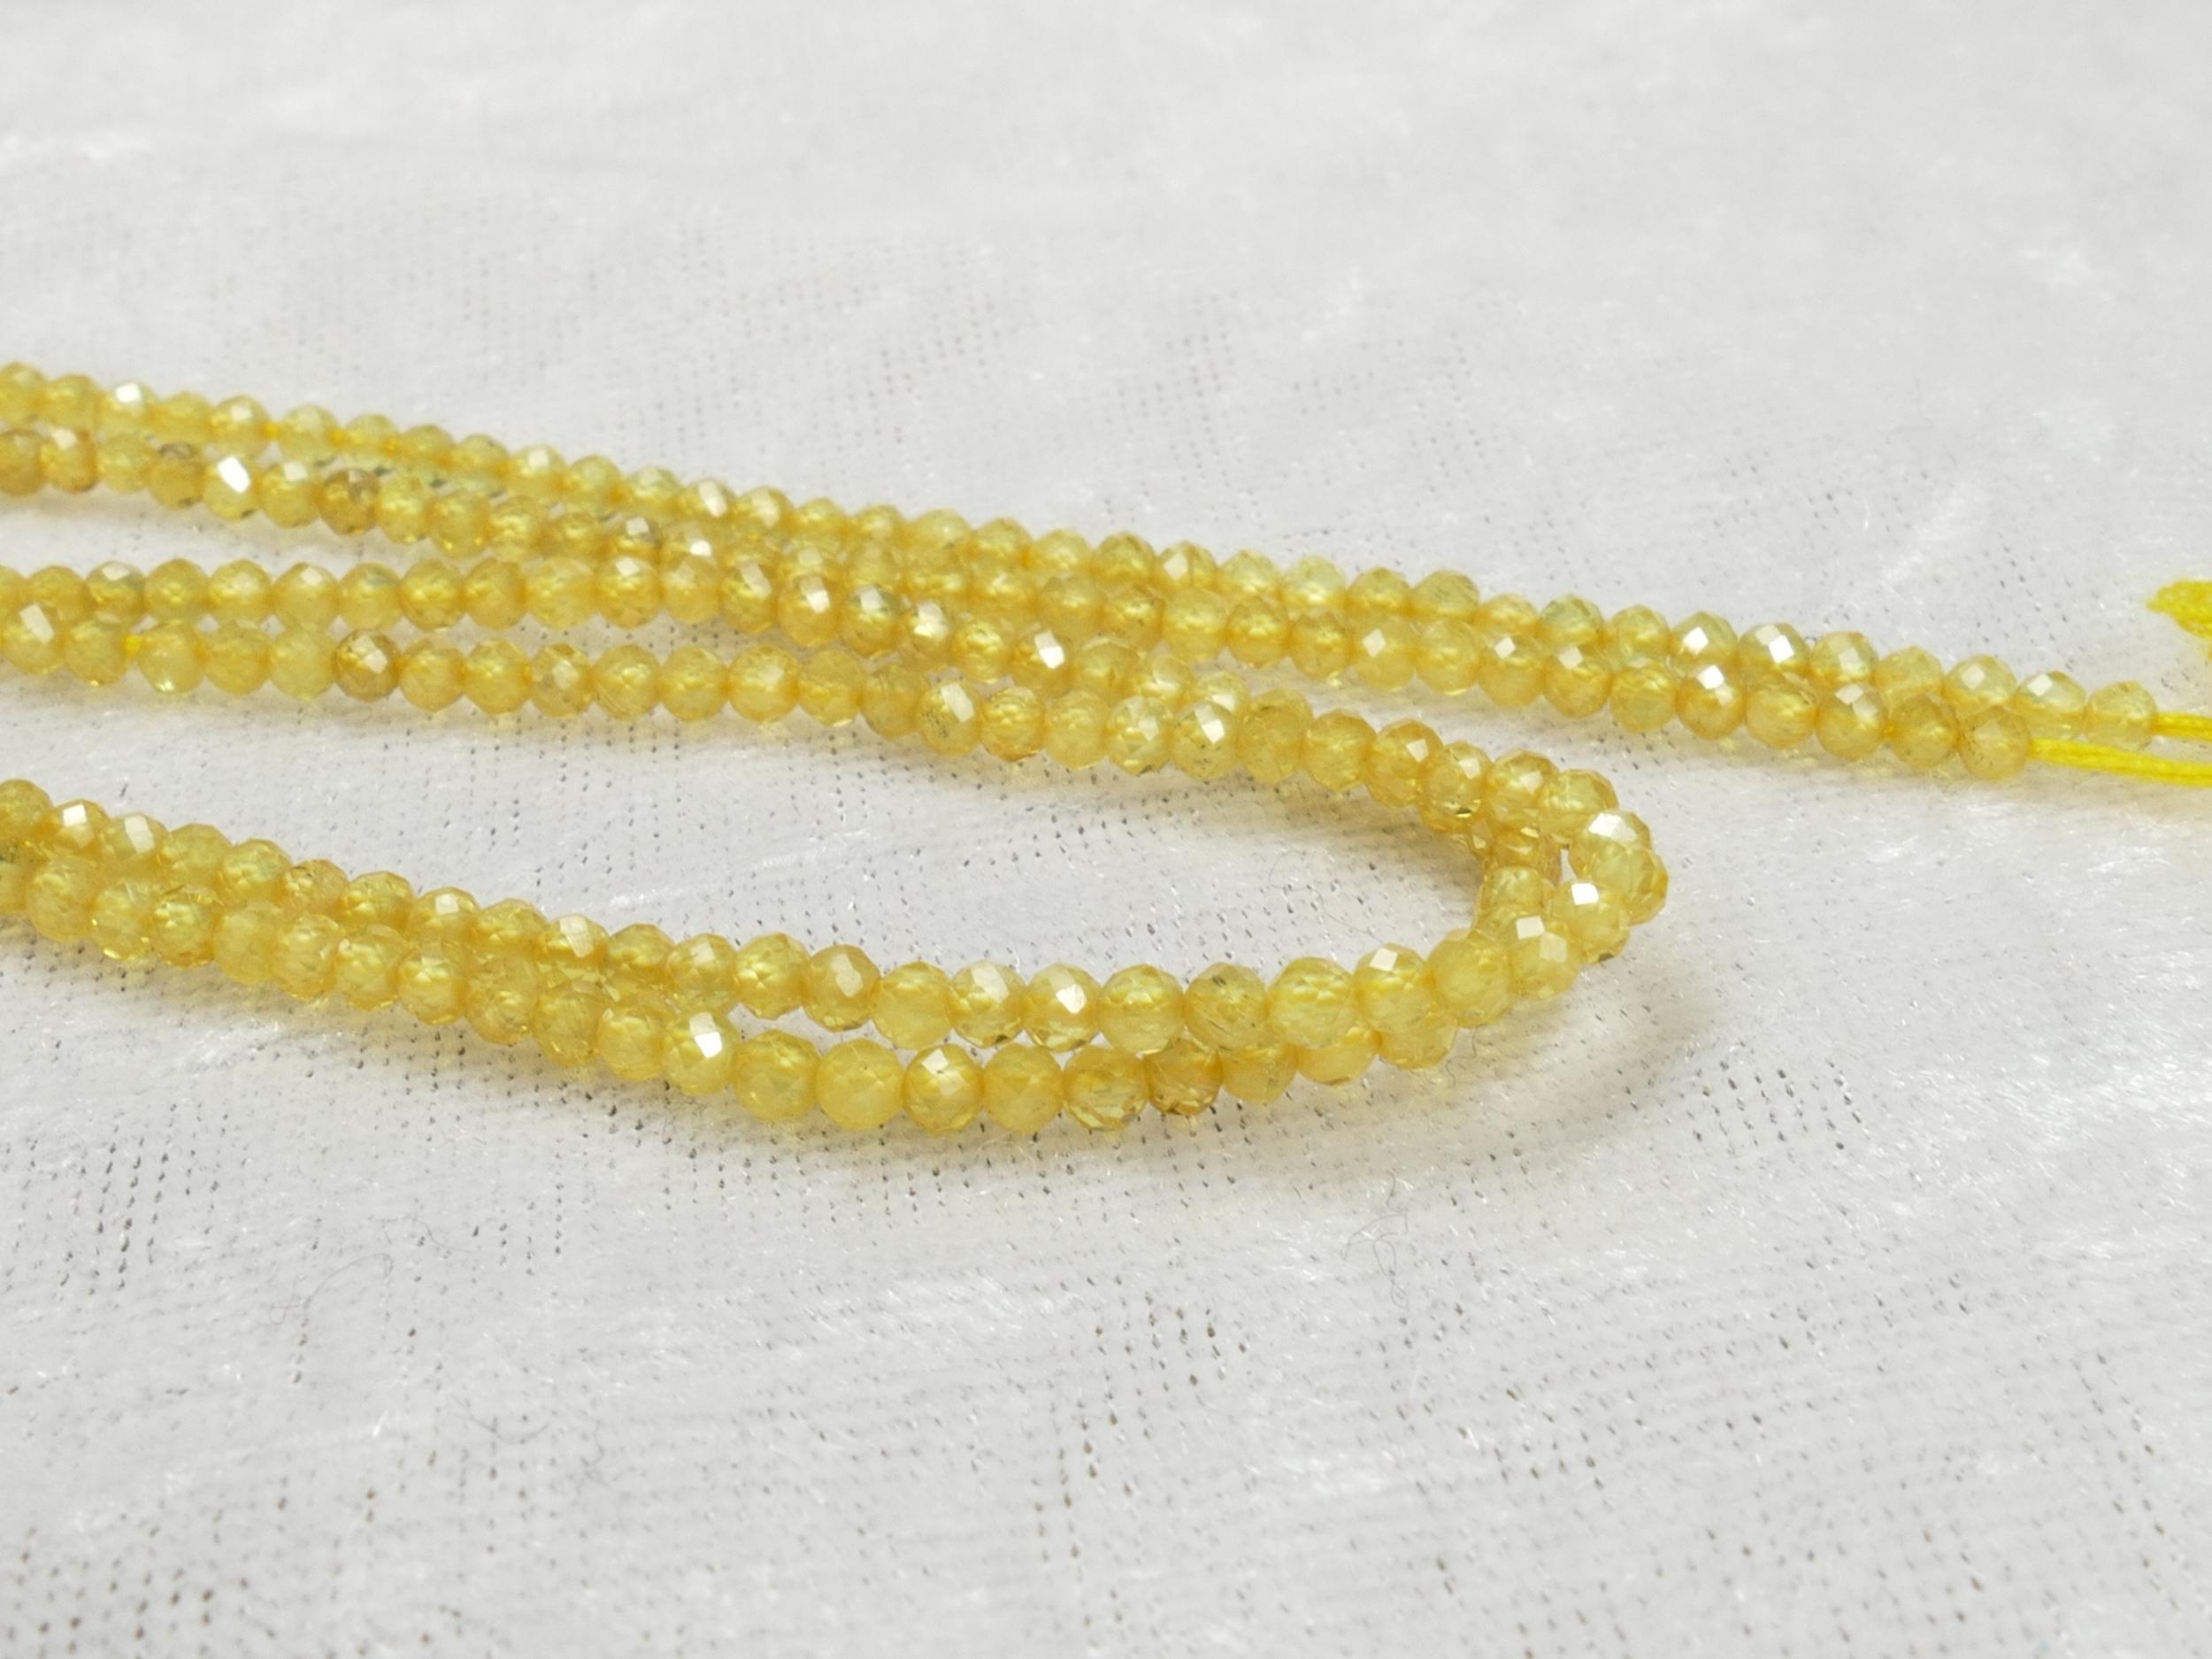 A/AA 2.4mm Petites perles de Saphir jaune entièrement naturel en micro rondelle facettée x5cm (2 inch) (#AC1078)